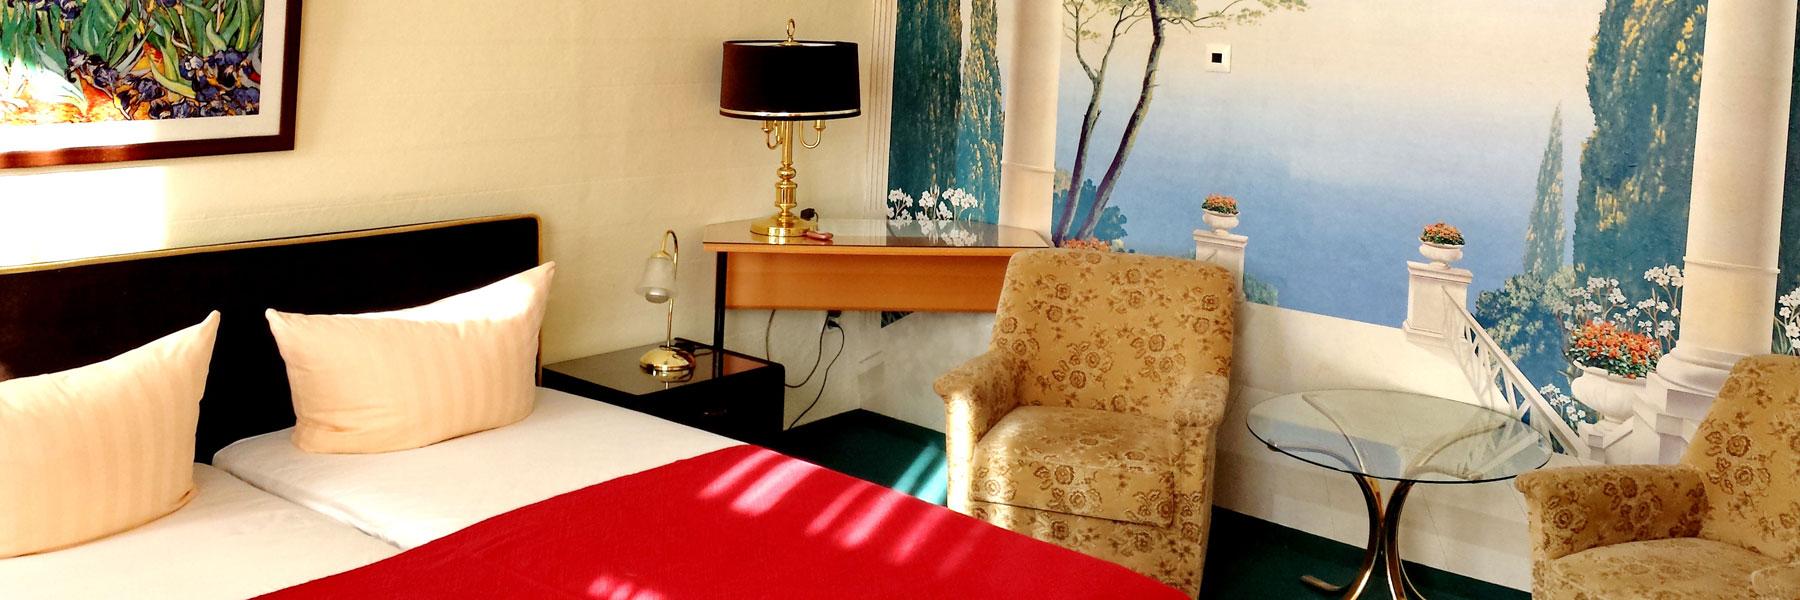 Doppelzimmer - Hotel Haegert